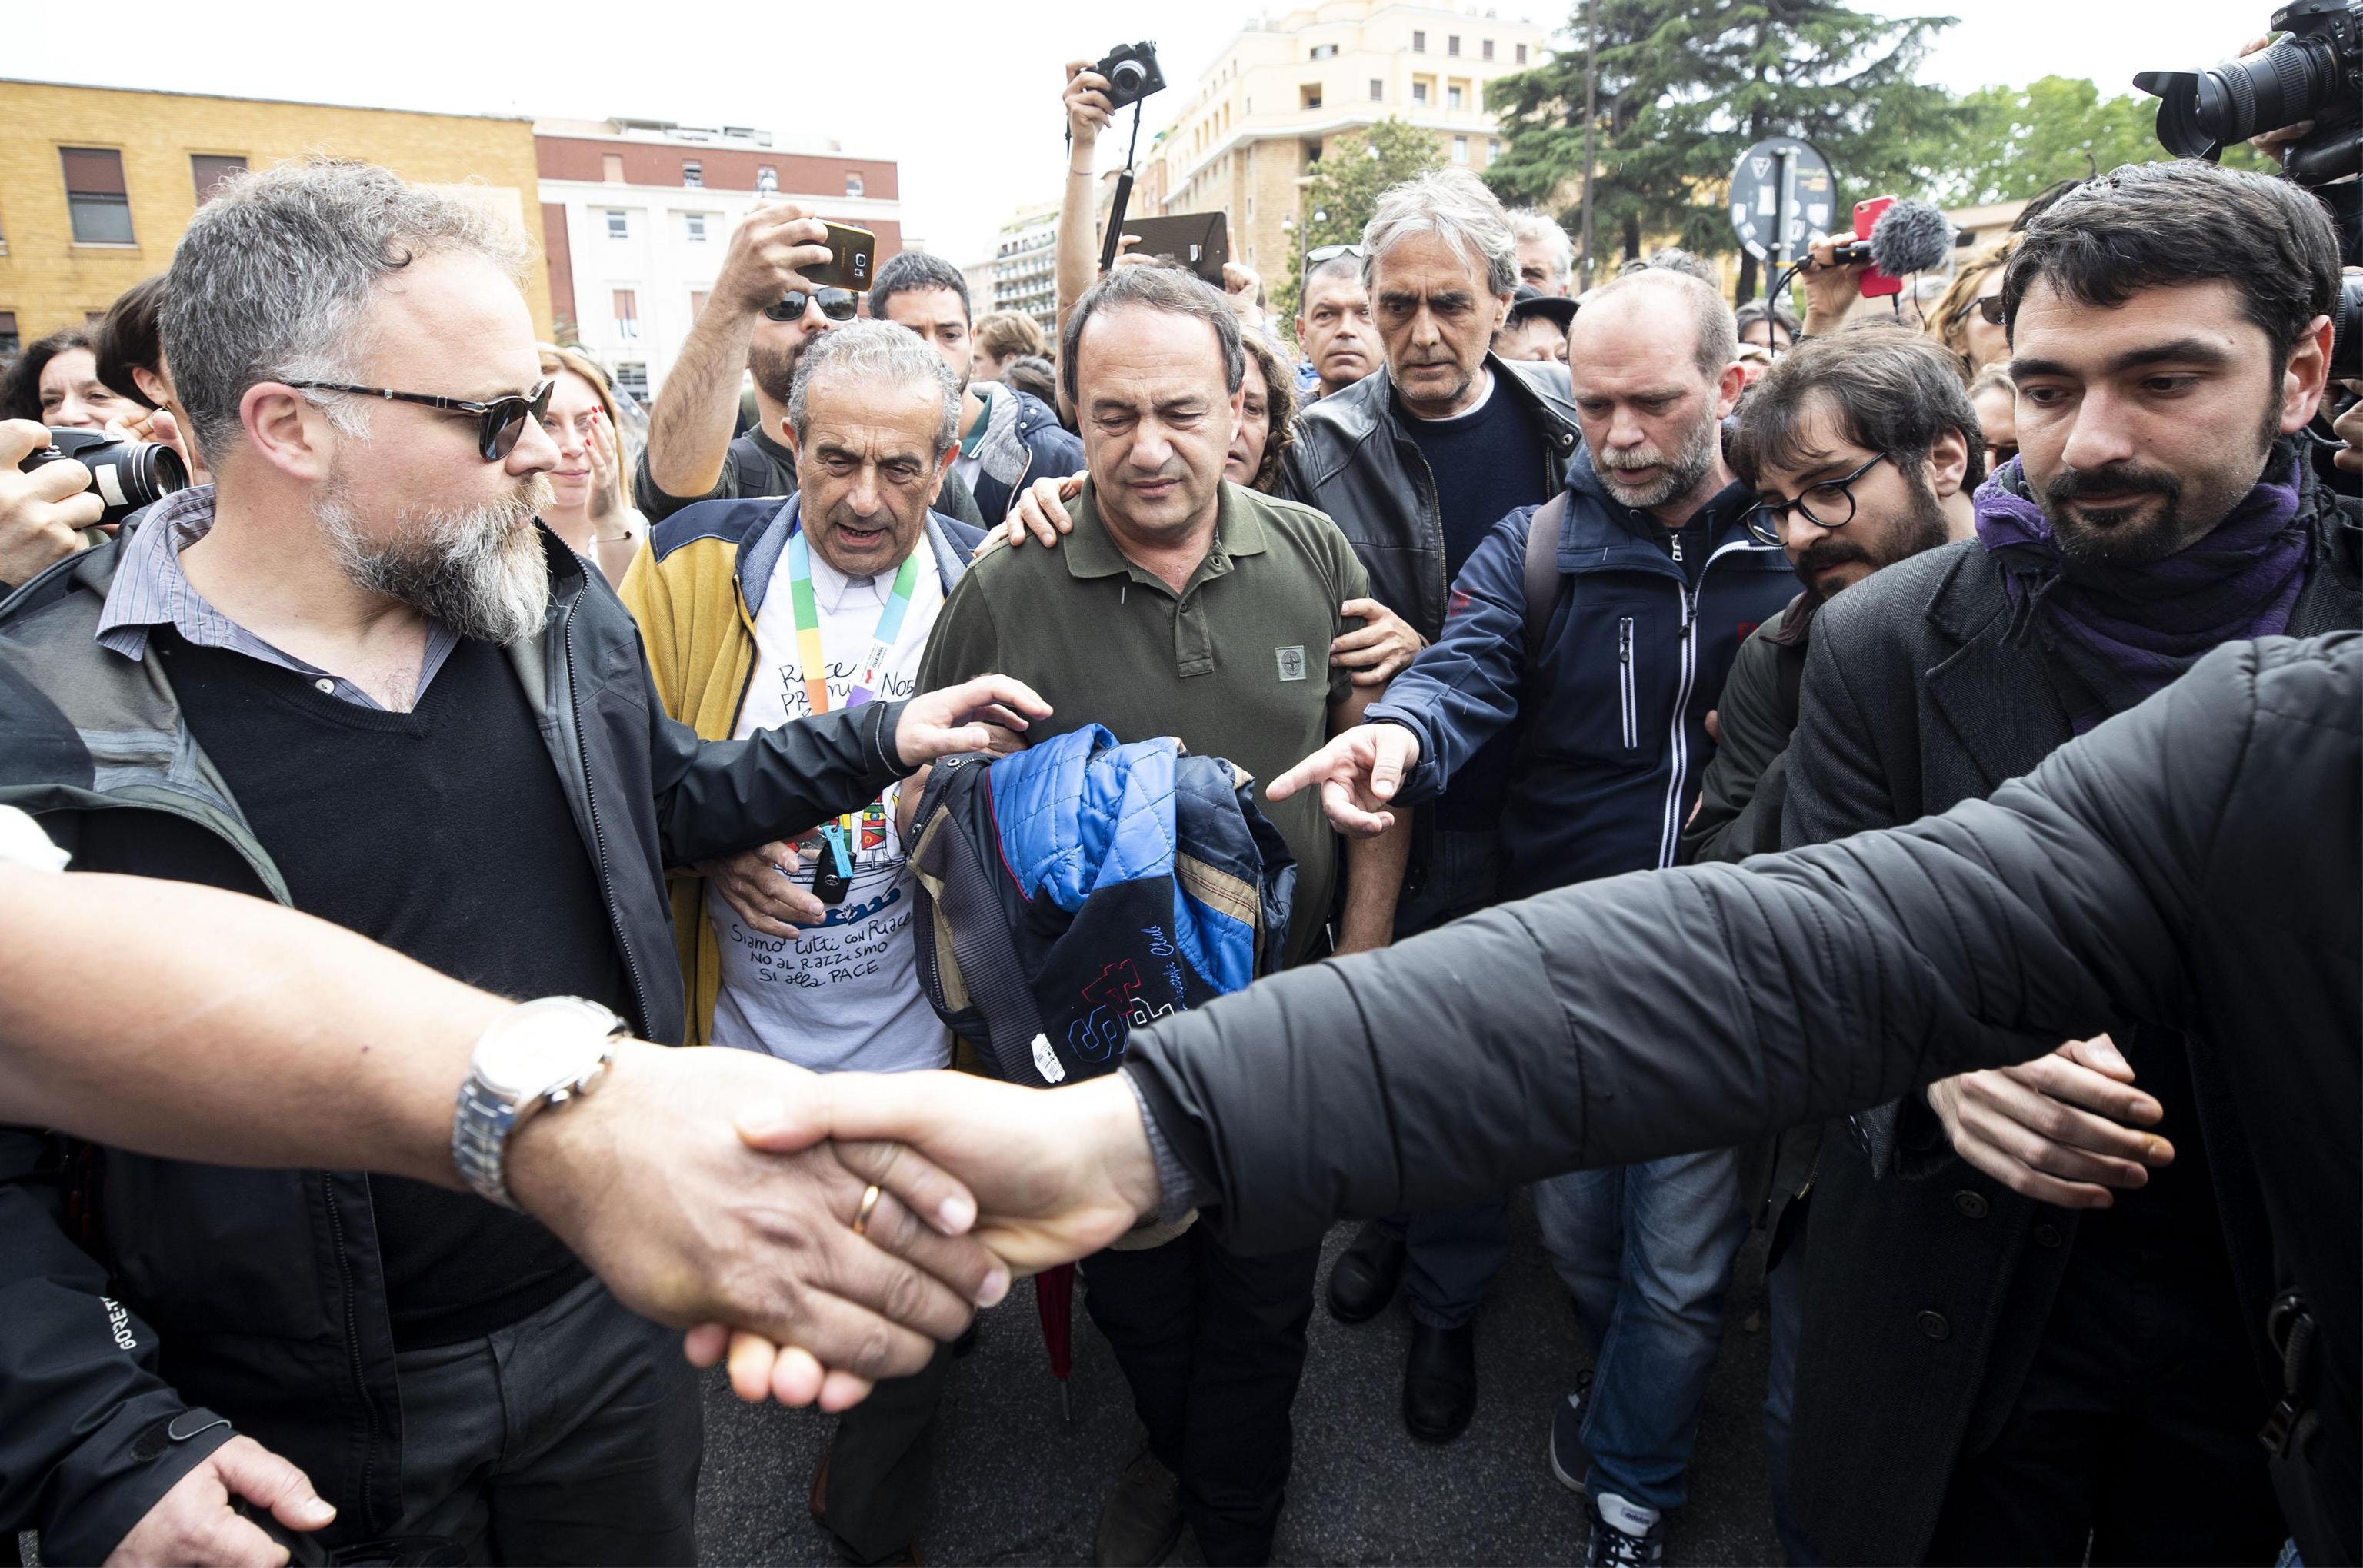 L'ex sindaco di Riace Mimmo Lucano arriva alla Sapienza, Roma, 13 maggio 2019 ANSA/MASSIMO PERCOSSI